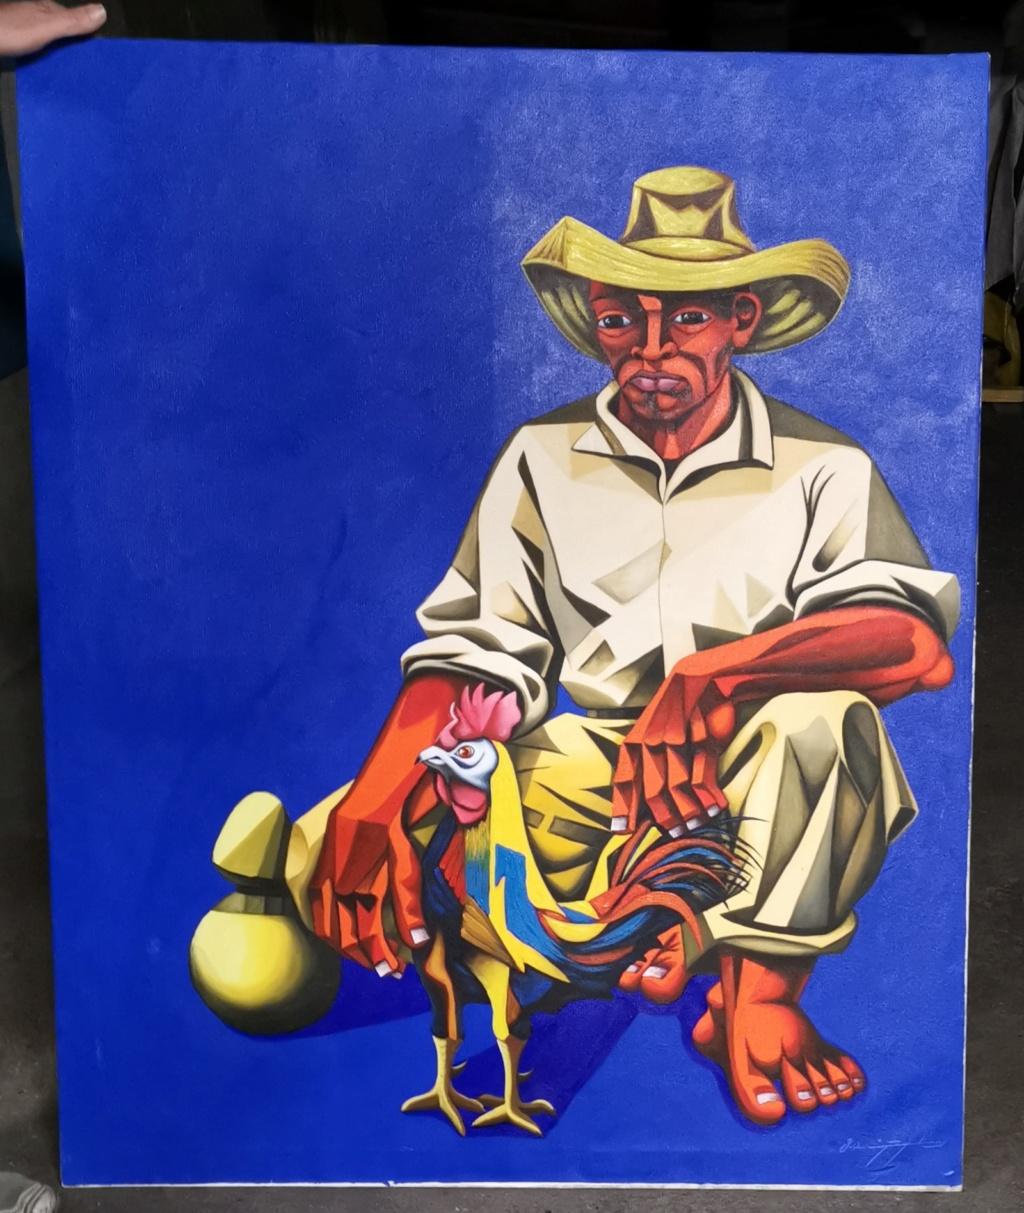 Bonjour aide pour identifier un peintre cubiste abstrait svp Img_2012